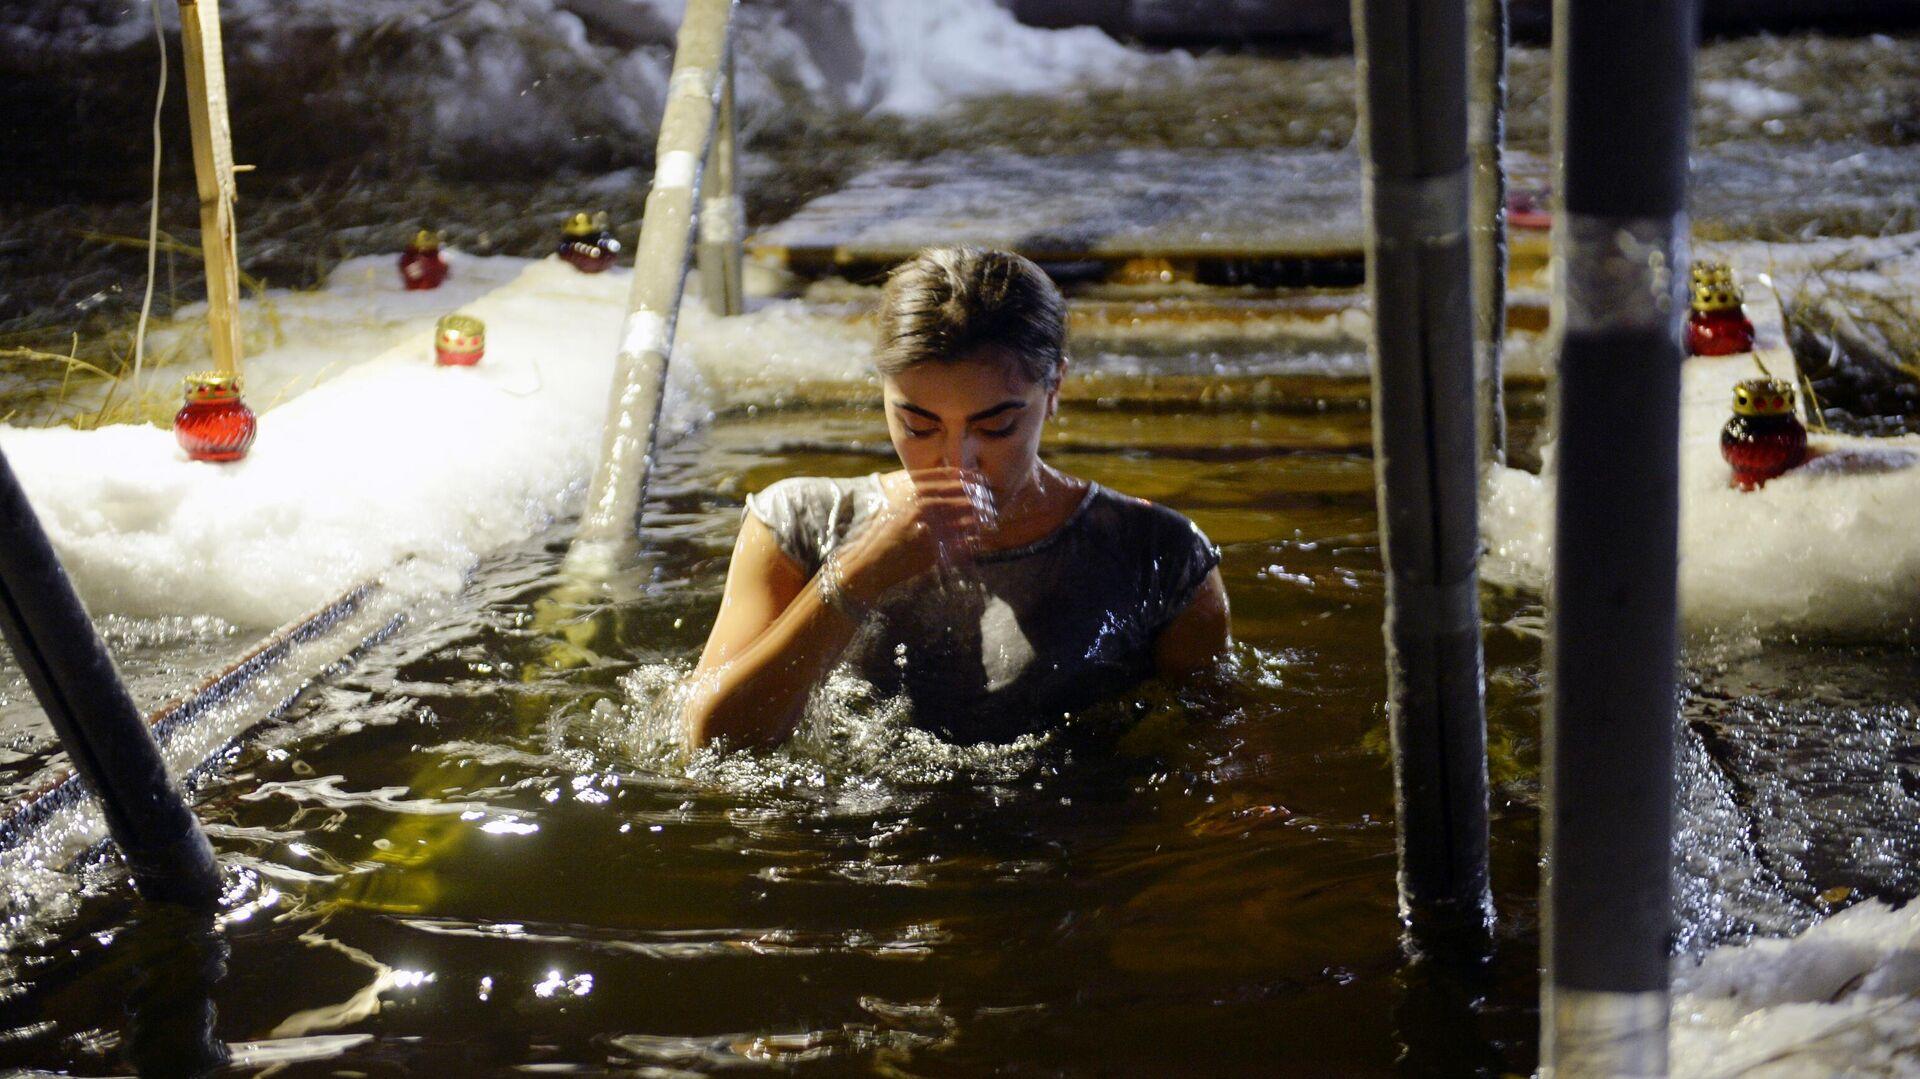 Женщина во время крещенских купаний на Верх-Исетском пруду в Екатеринбурге - РИА Новости, 1920, 15.01.2021